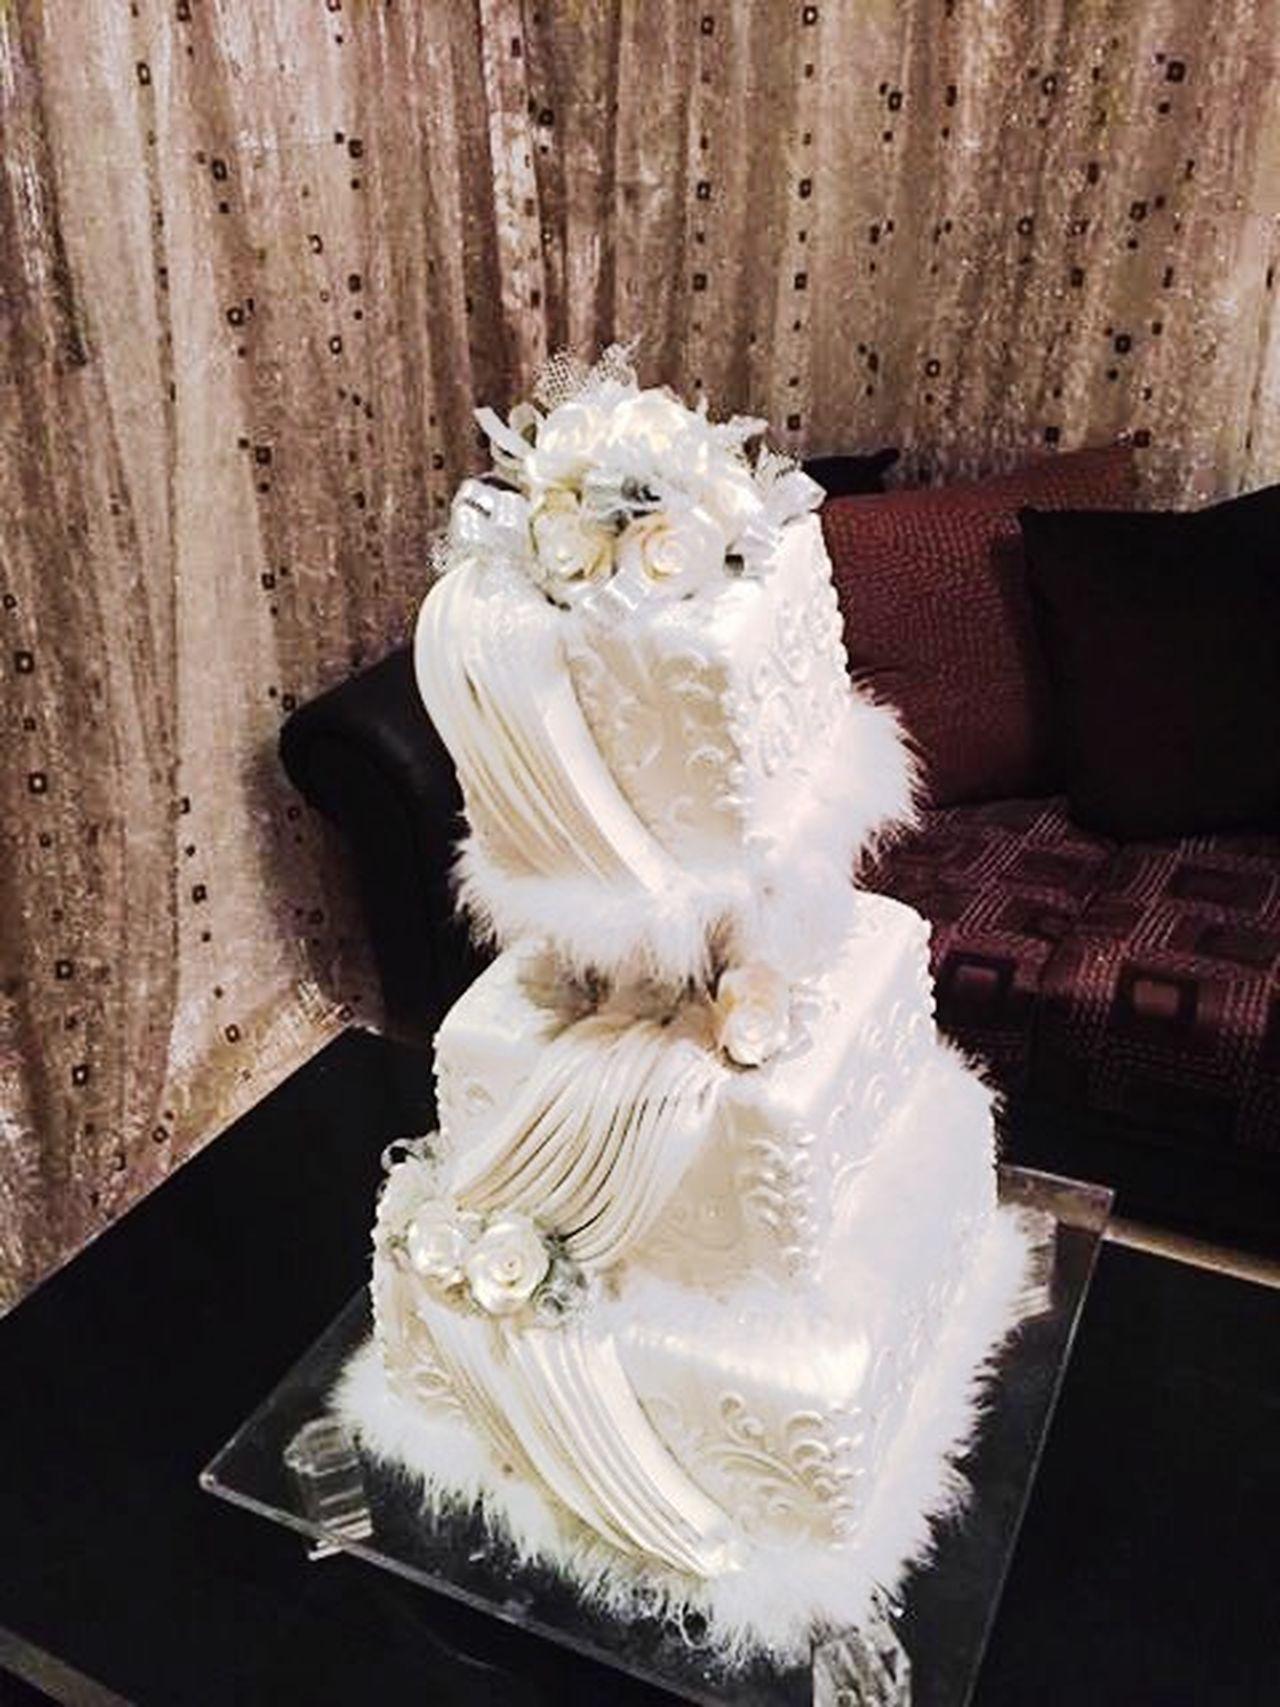 Cake Cakes Cake♥ Cake Cake Cake Cake  Cakes! Cake Time Cakestagram Gateau Gateaux Gateau Au Chocolat